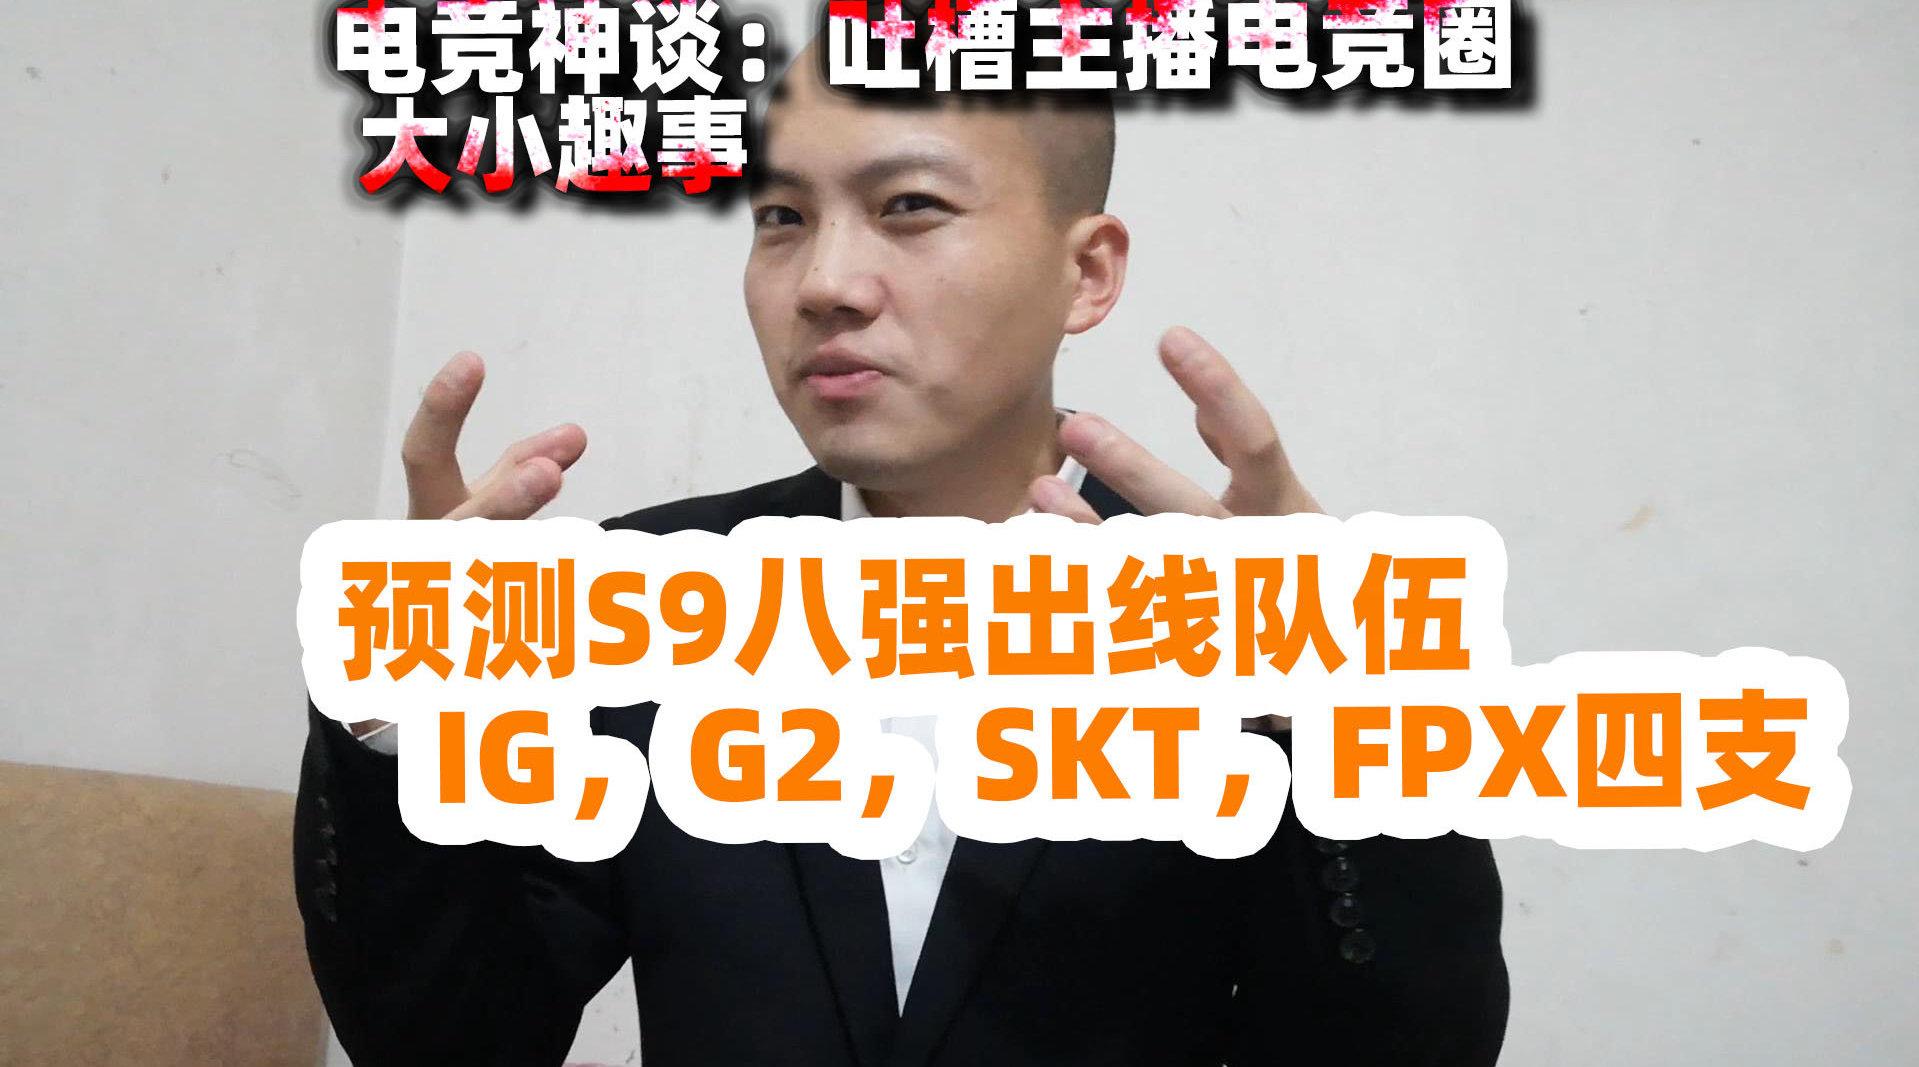 电竞神谈:预测S9八强出线队伍IG、SKT、FPX、G2四支